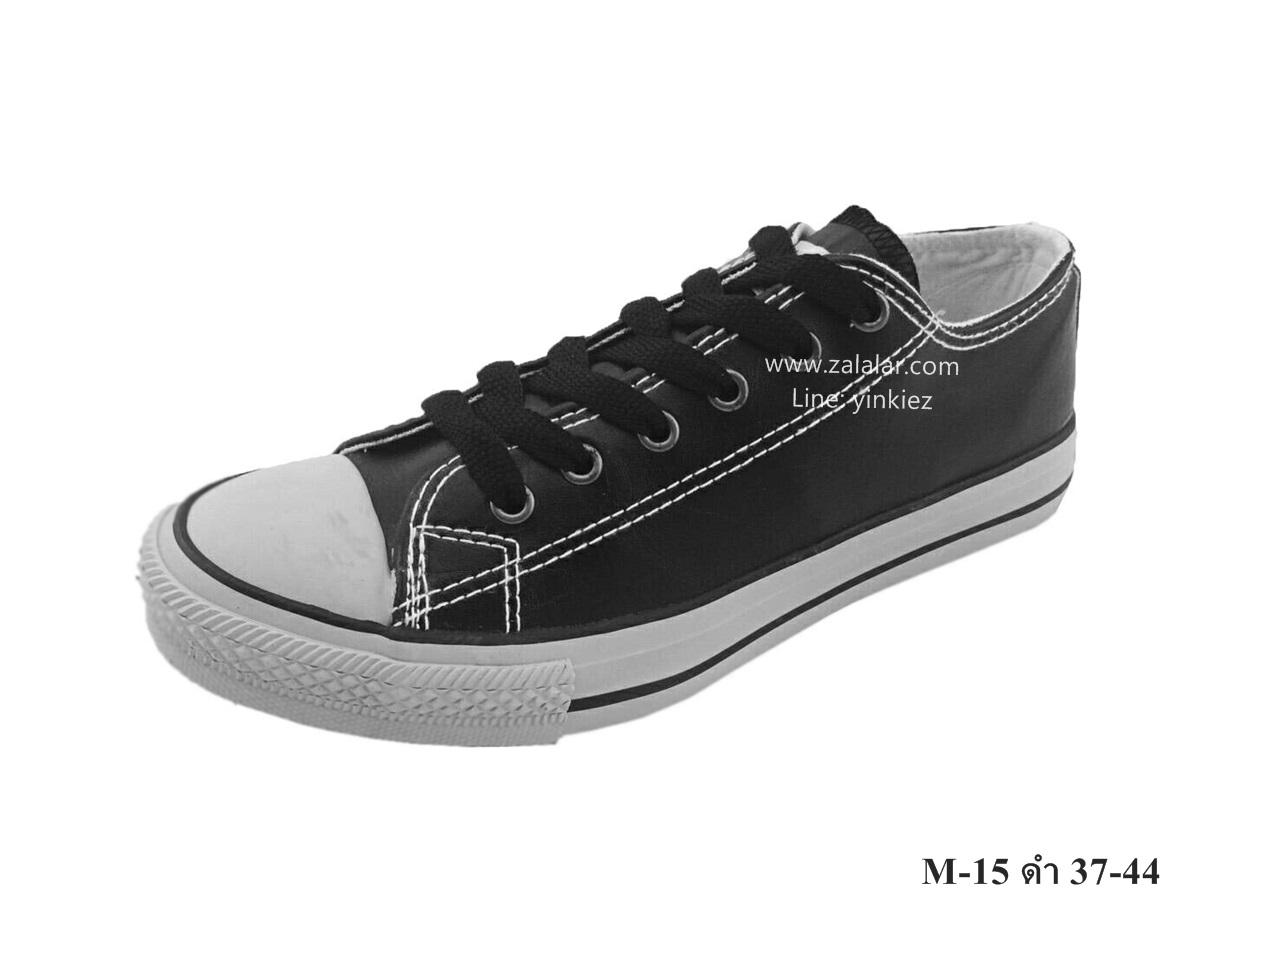 [พร้อมส่ง] รองเท้าผ้าใบแฟชั่น รุ่น M-15 สีดำ แบบหนัง